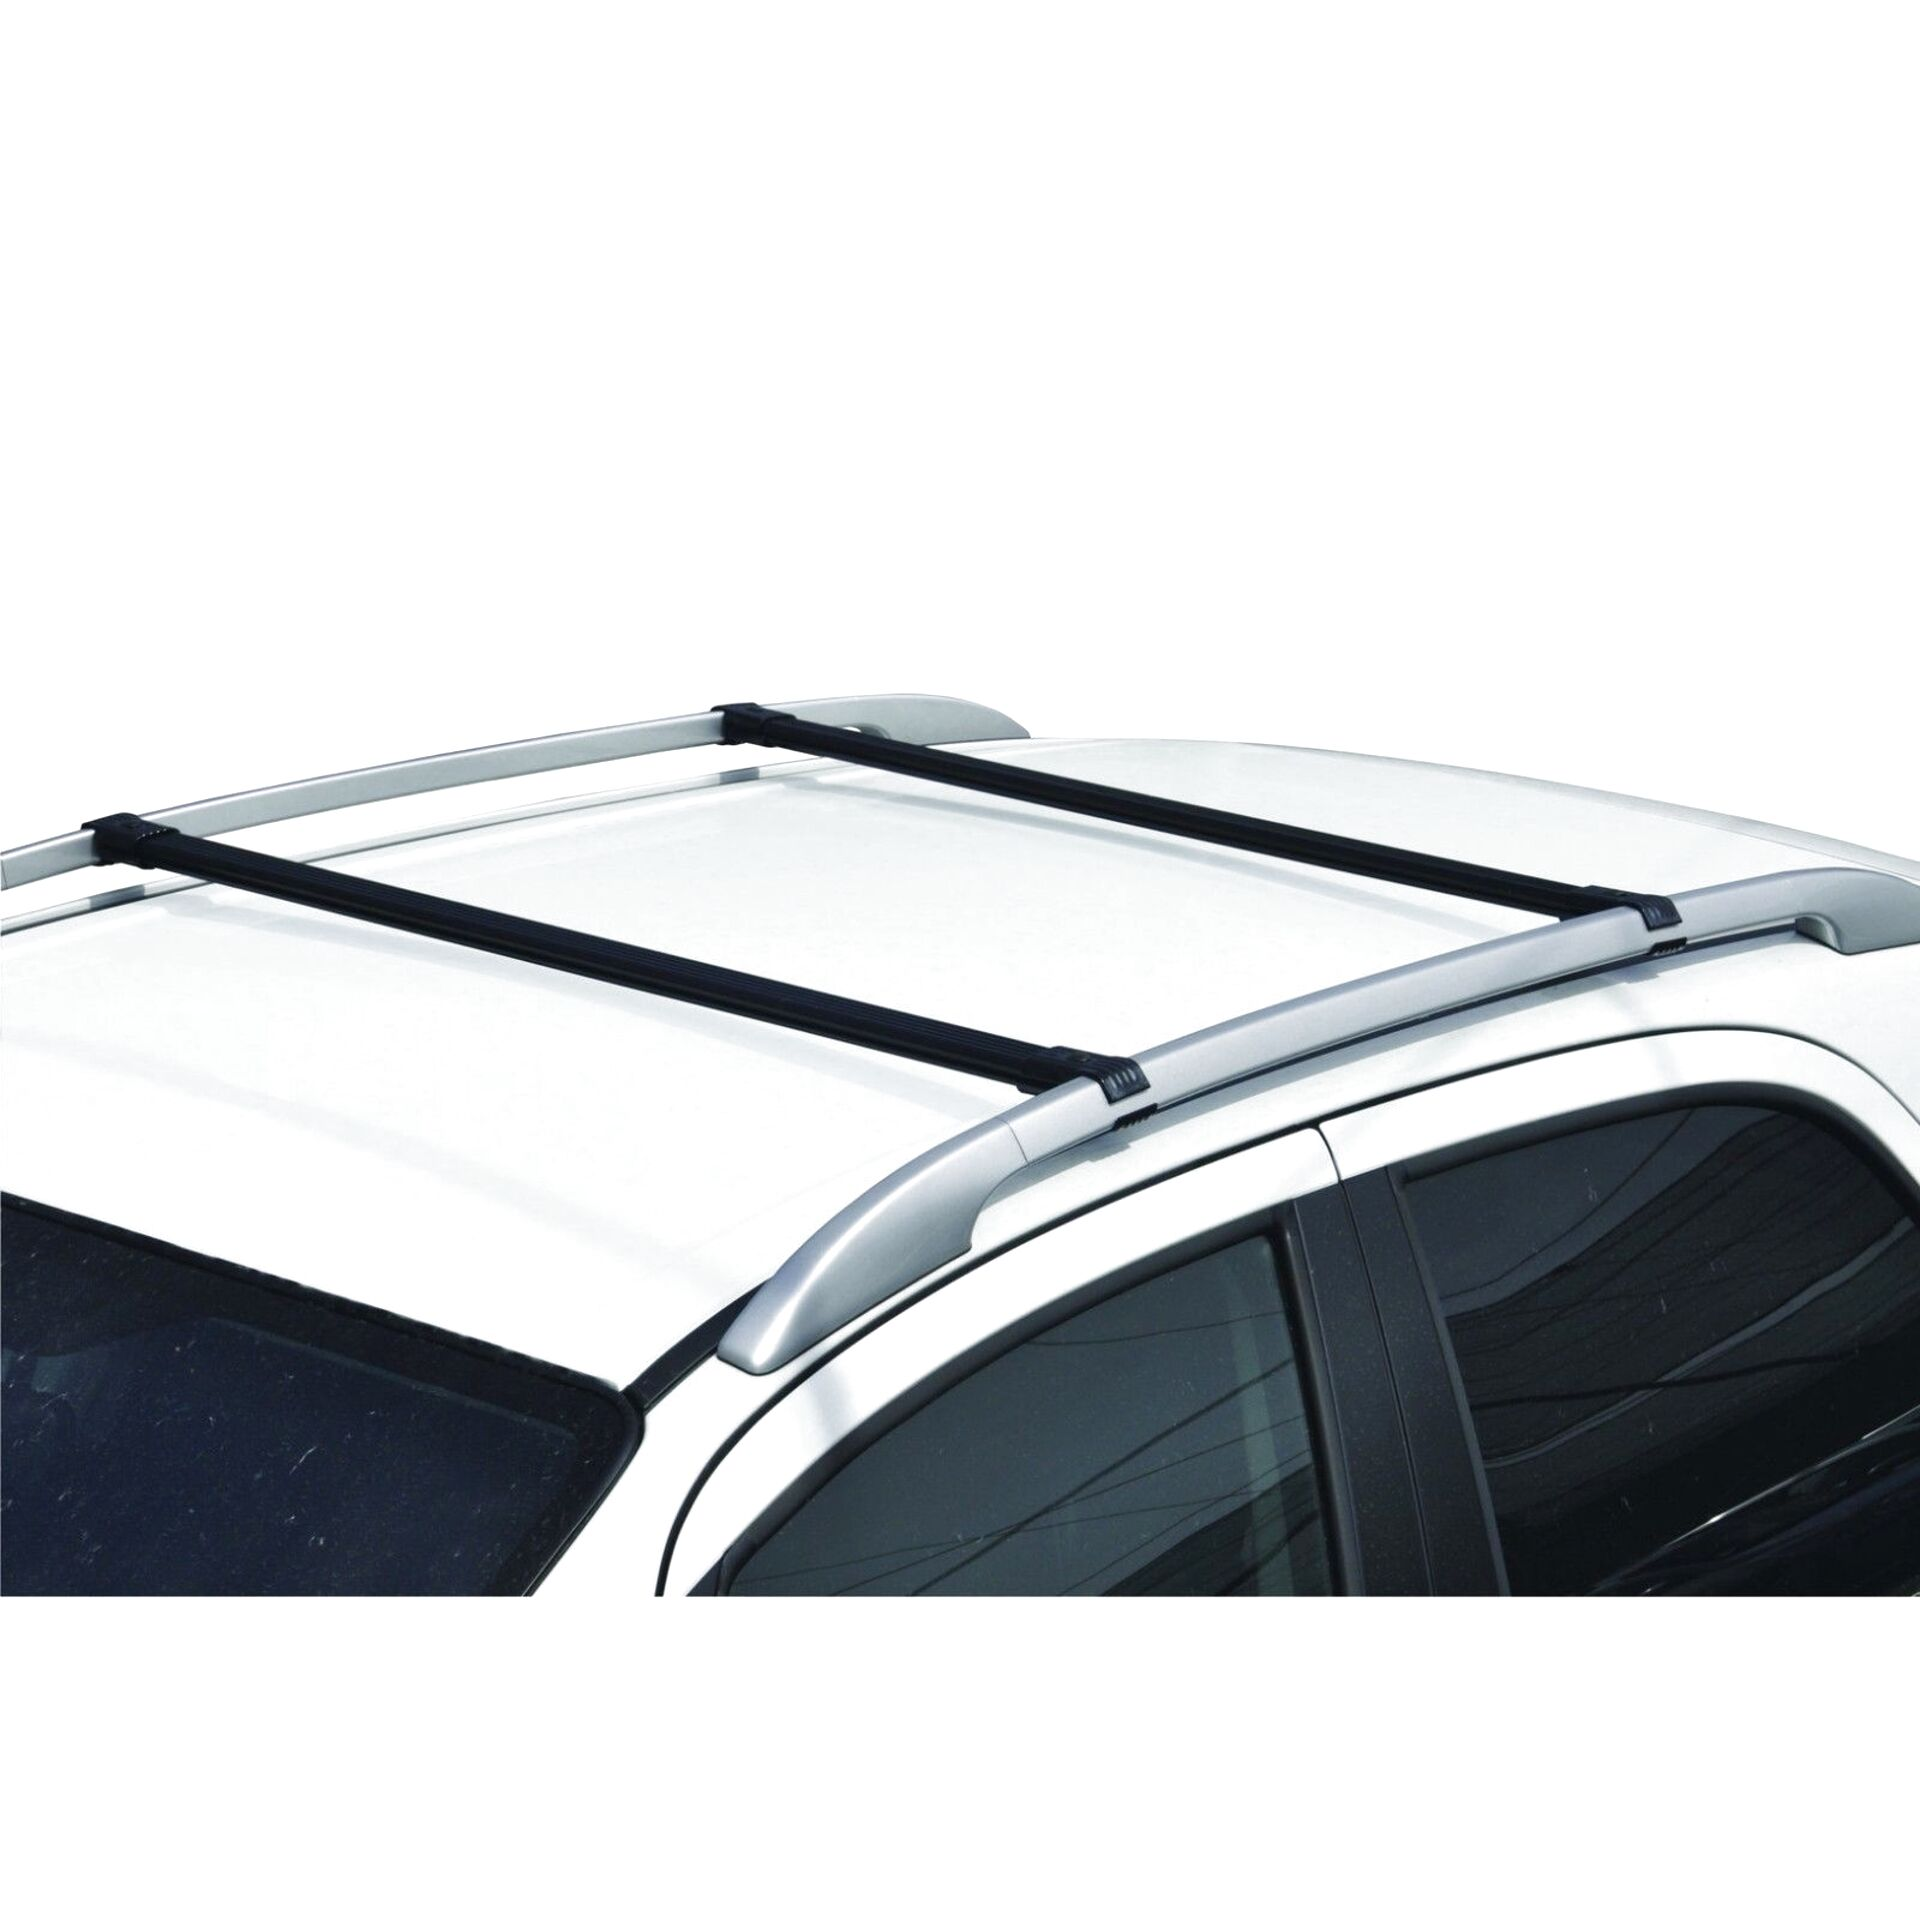 1C Generico Barre portatutto Portapacchi Auto Brio Alluminio per T-Cross 18 con corrimano